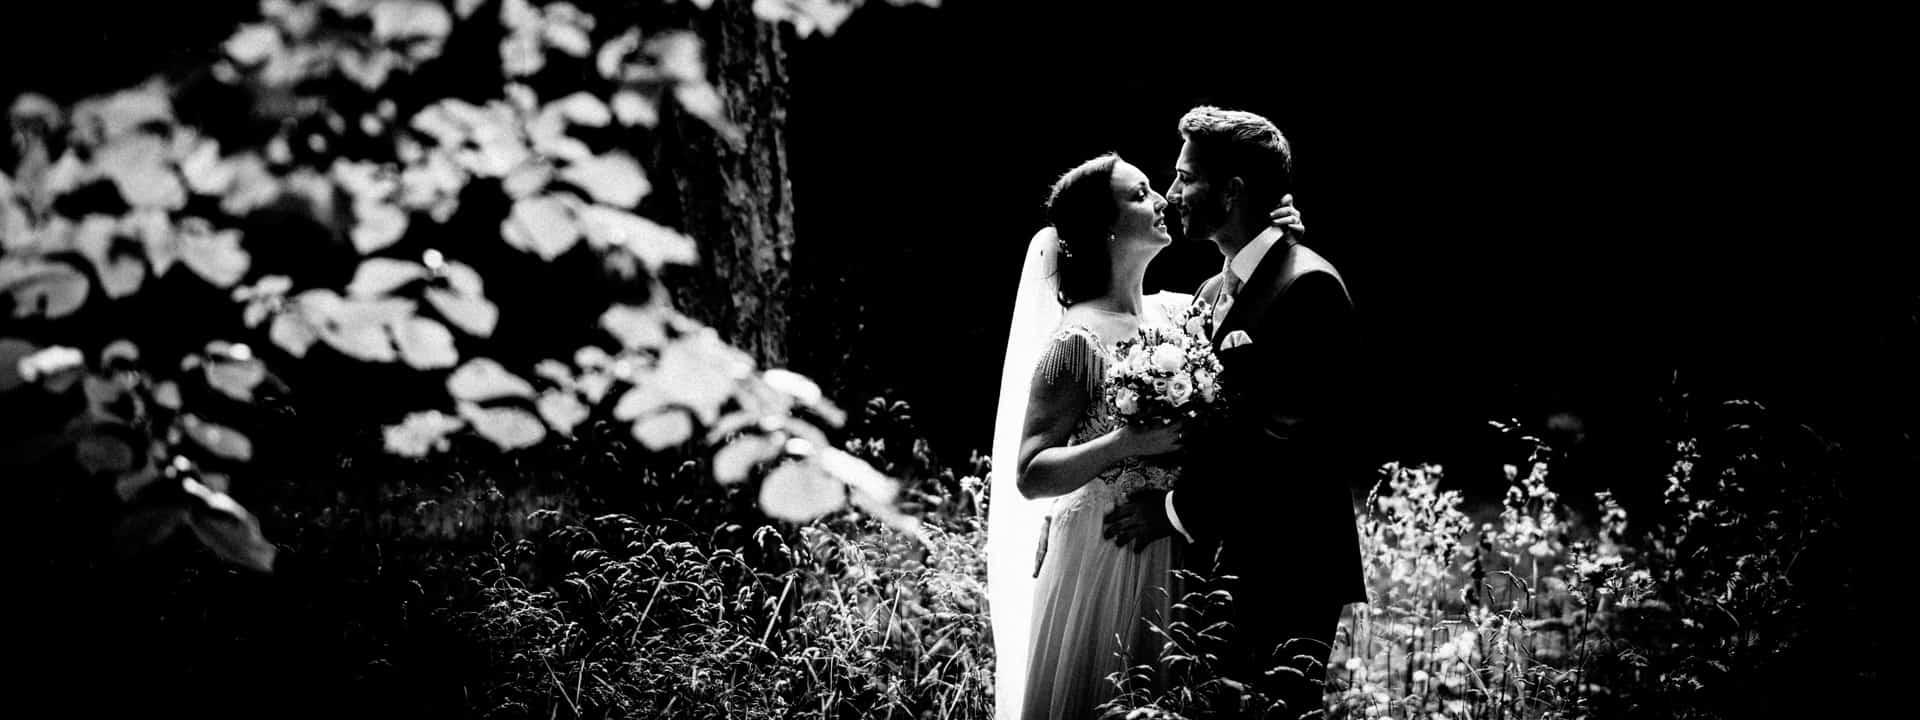 Brautpaar steht in einer hohen Wiese, die Sonne strahlt von hinten